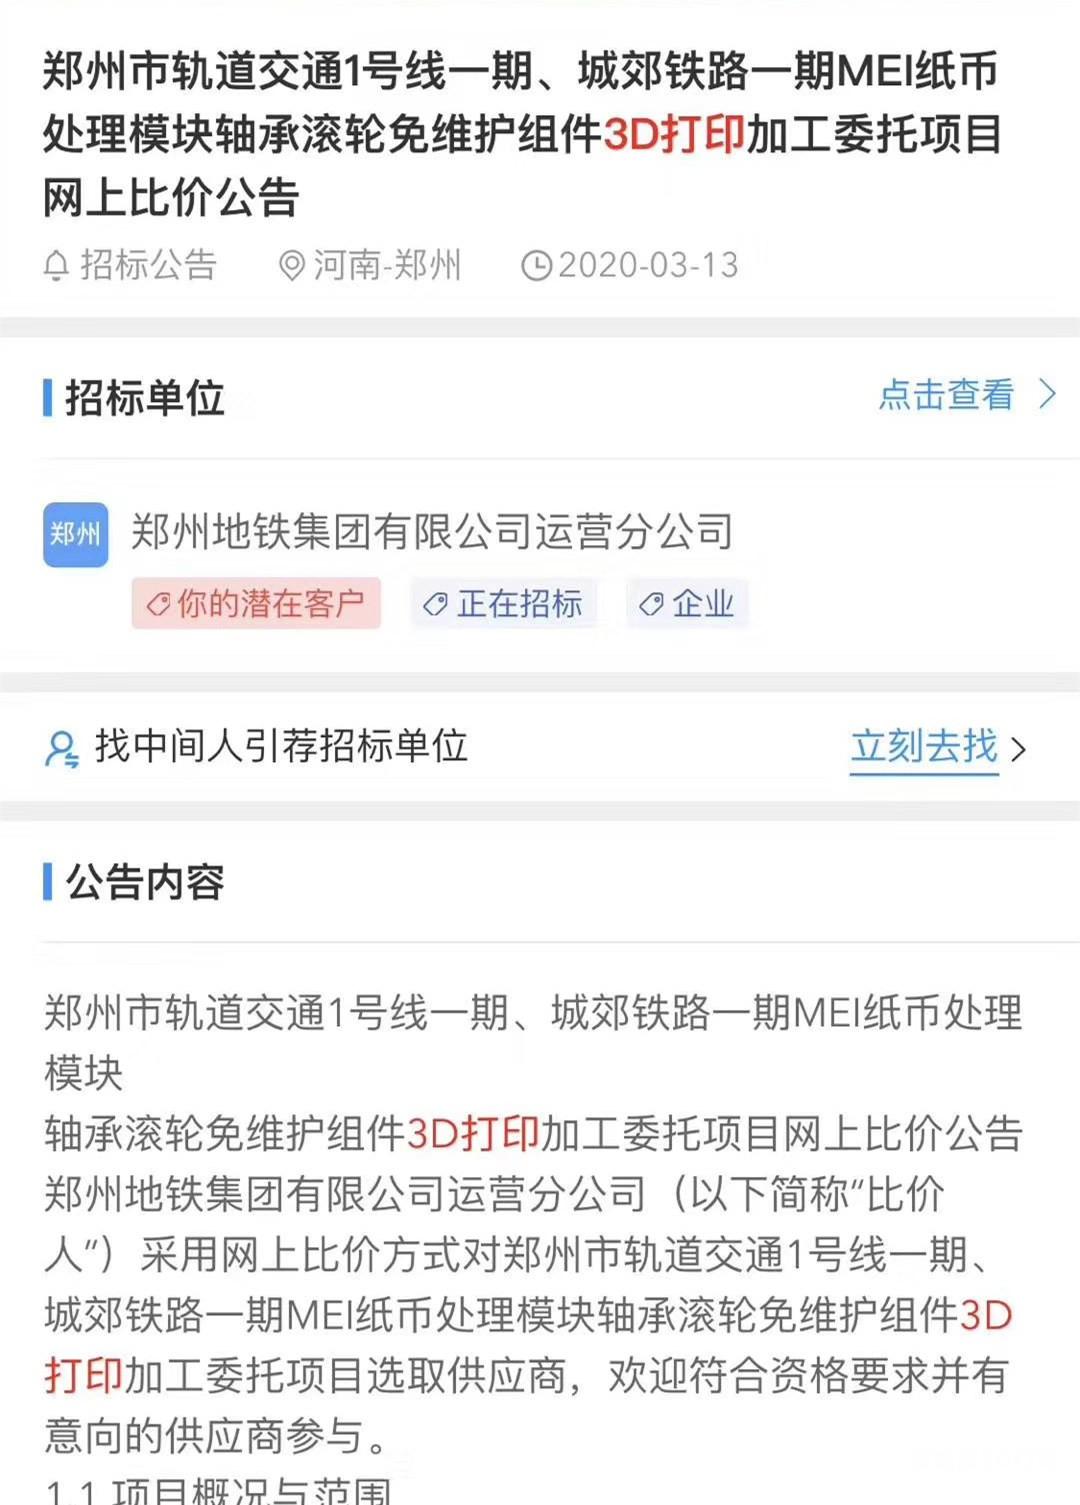 通知:郑州地铁售票机轴承滚轮组件3D打印加工委托公告插图2